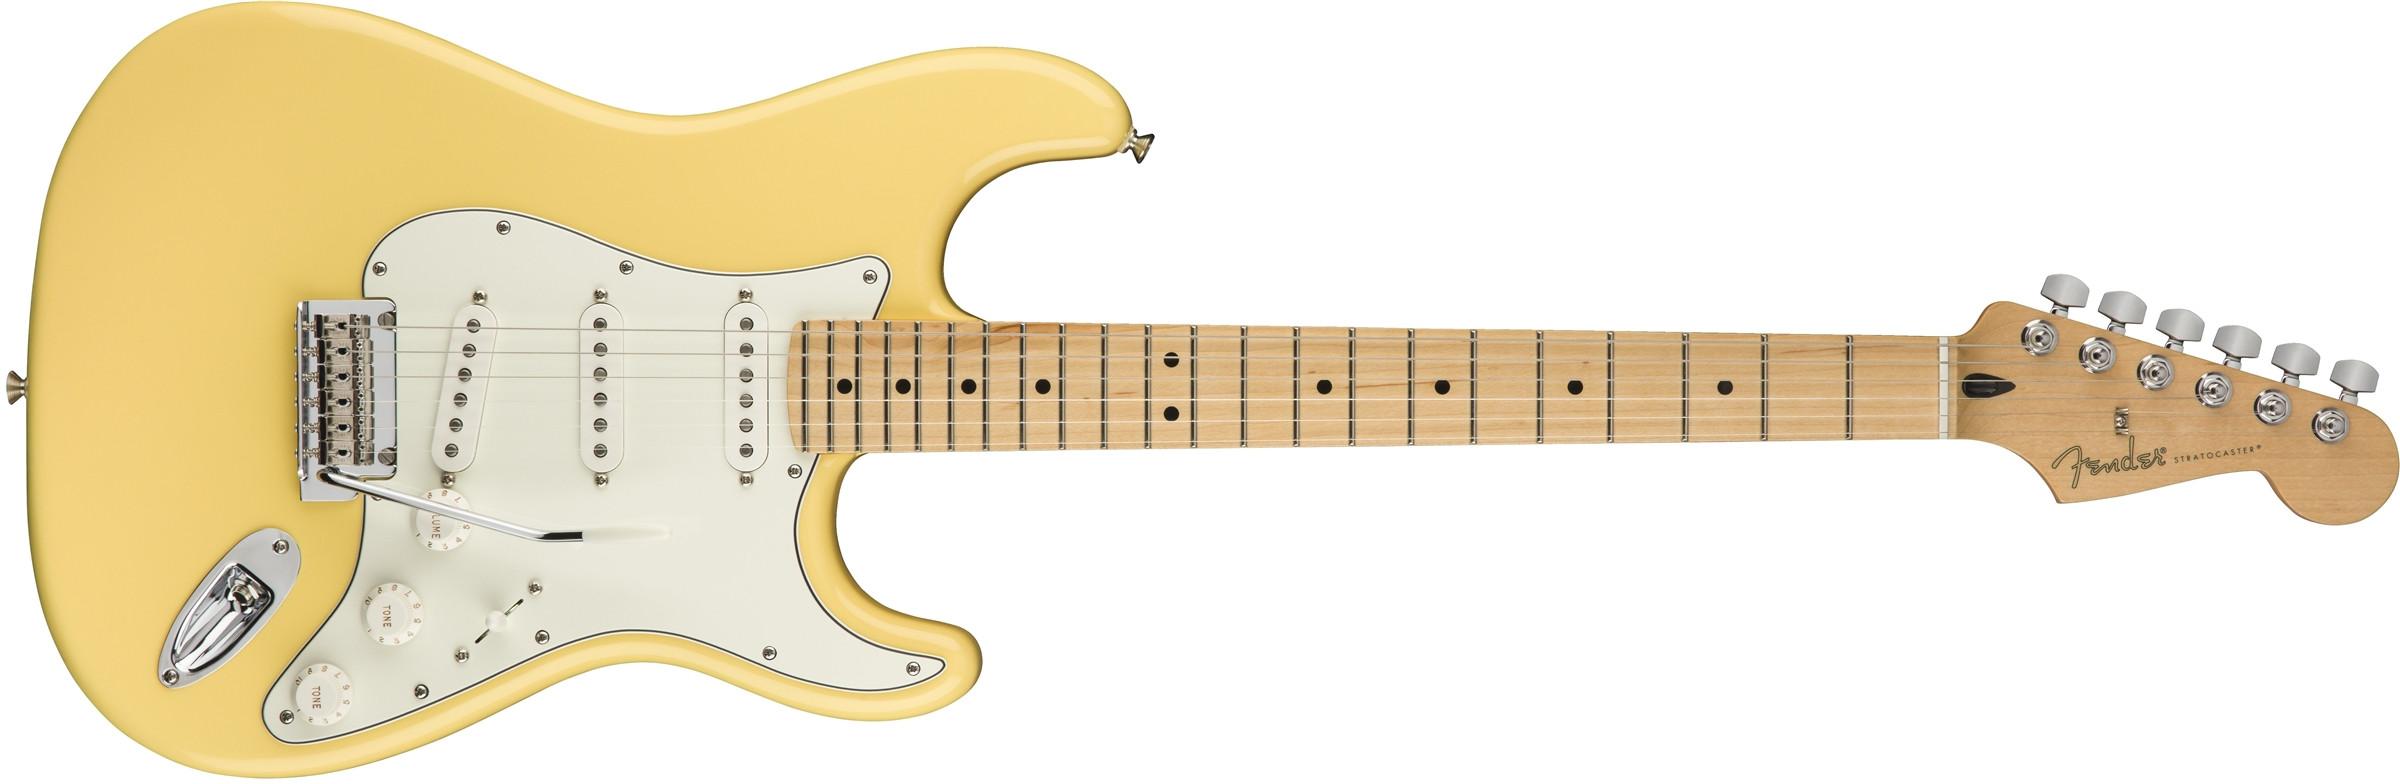 FENDER Player Stratocaster Buttercream Maple